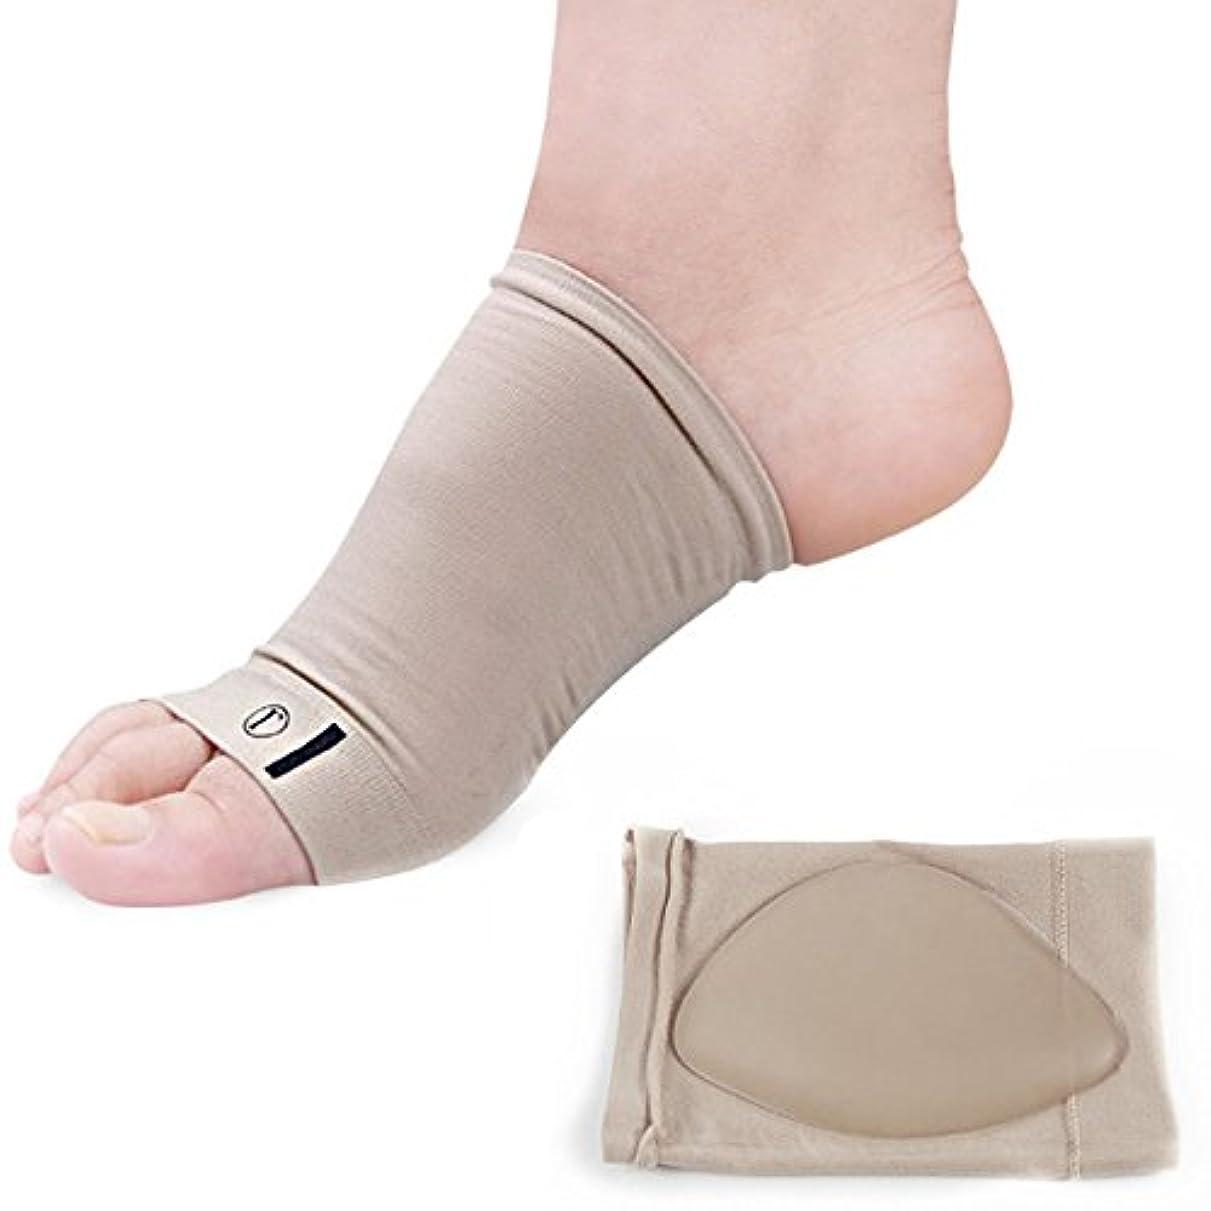 廊下エロチック頻繁に山の奥 足底筋膜炎 アーチサポーター 専用 シリコン インソール 衝撃吸収 足裏 足底の痛みを解消 左右セット 解消足裏パッド